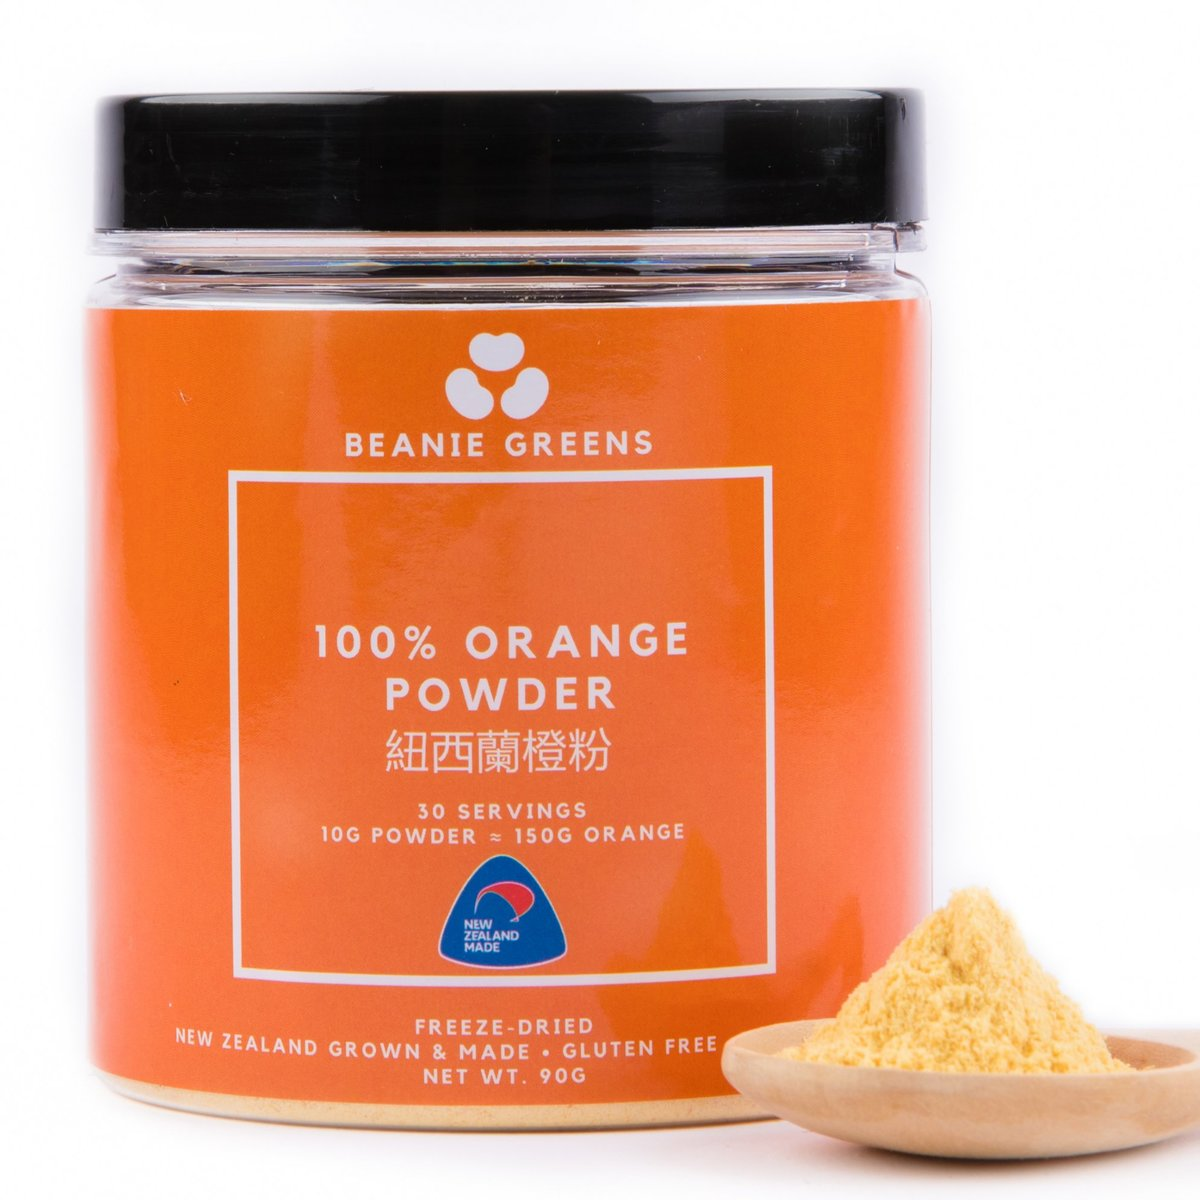 100% New Zealand Orange Powder (30 days)